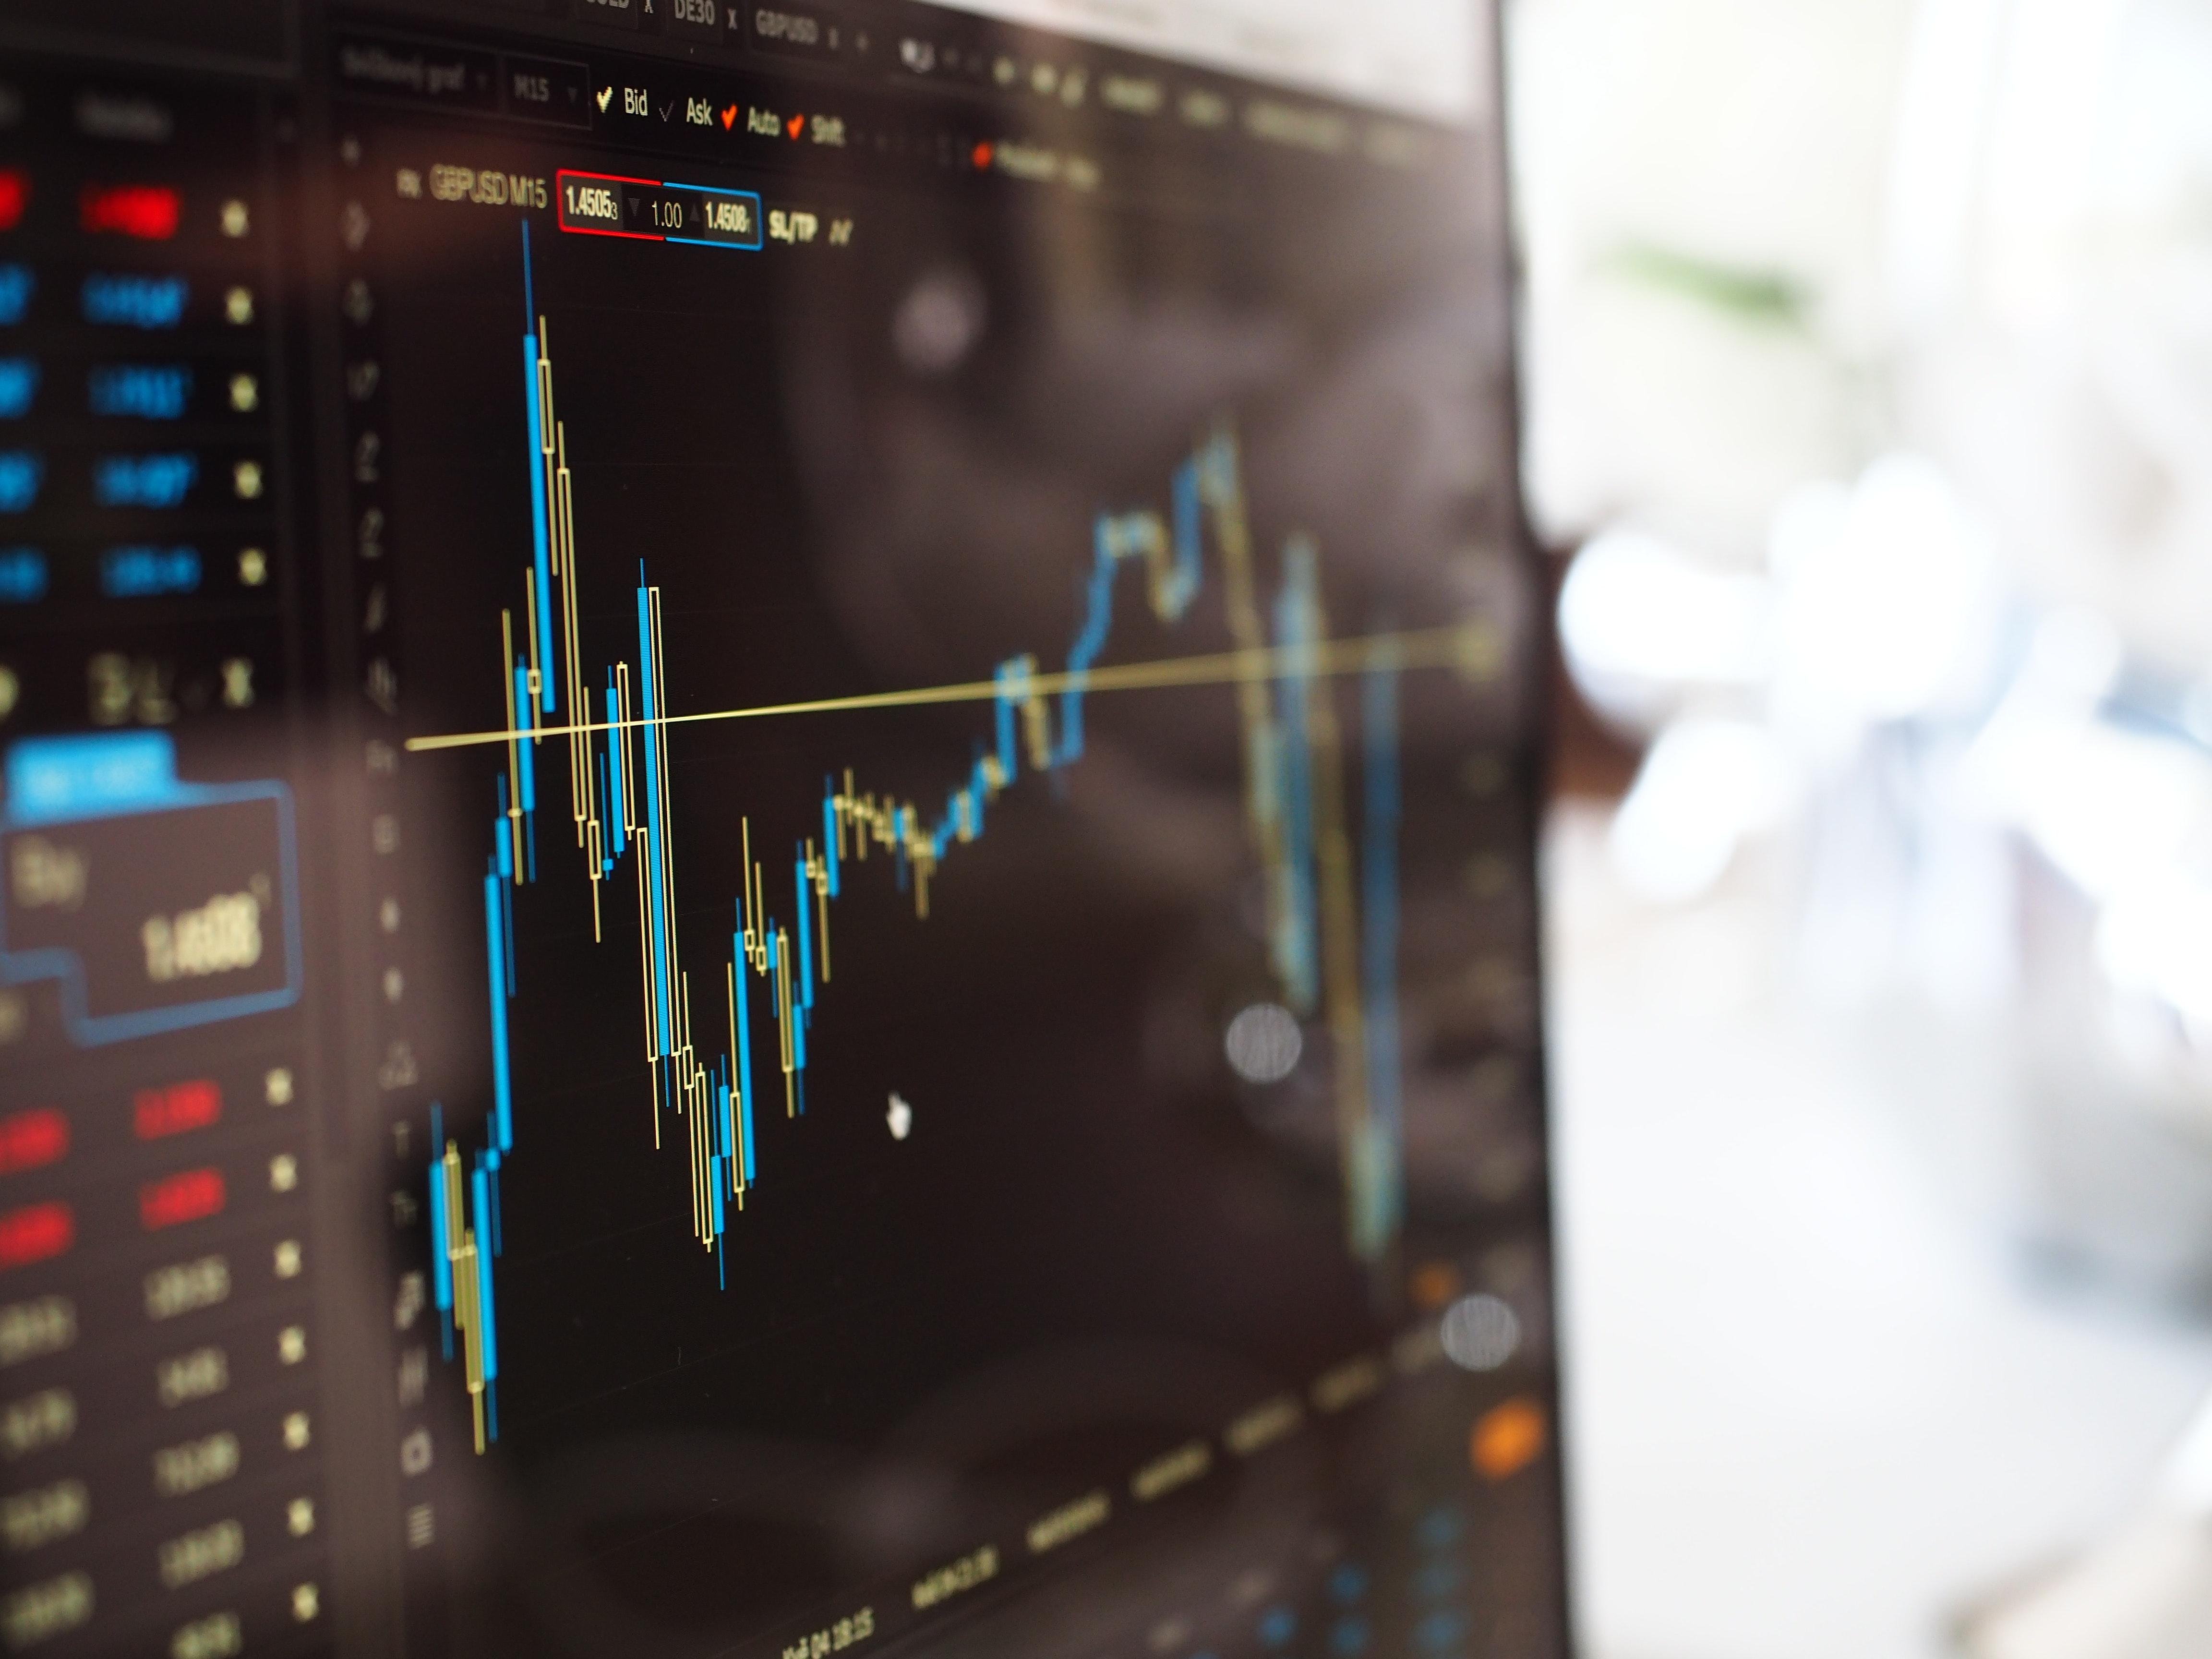 computer-desk-trading-system-robo-advisor-roboadviser-finance